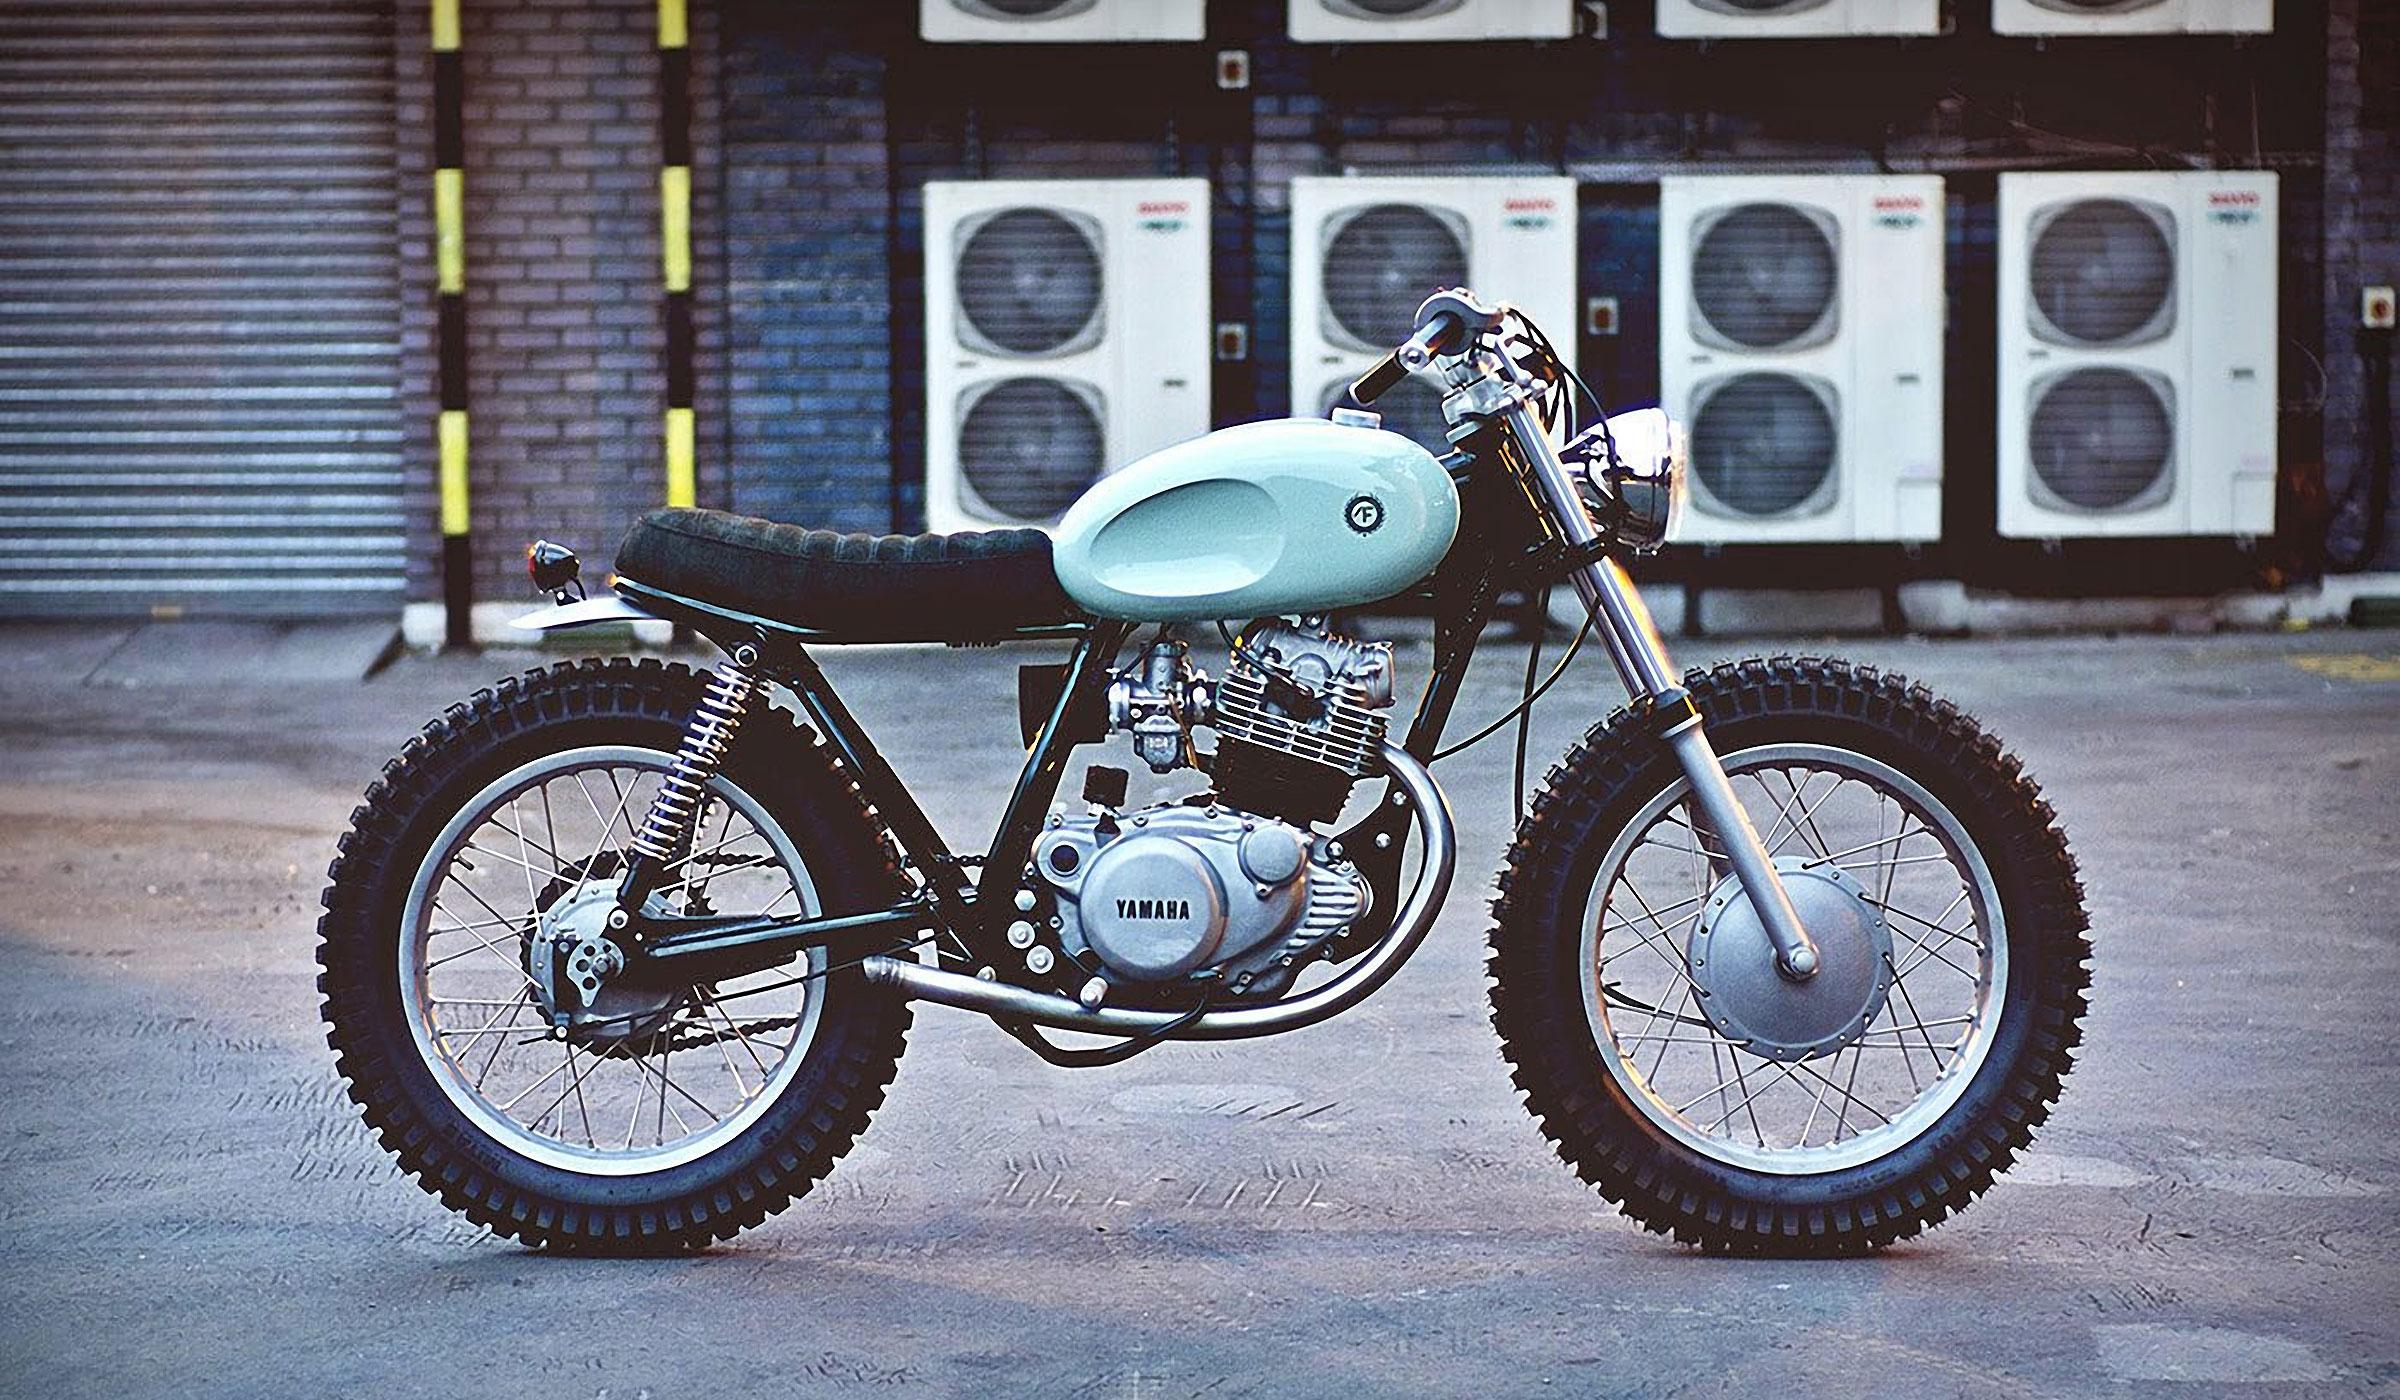 Type_4_Yamaha_SR250_Auto_Fabrica_Moto-Mucci-(4)